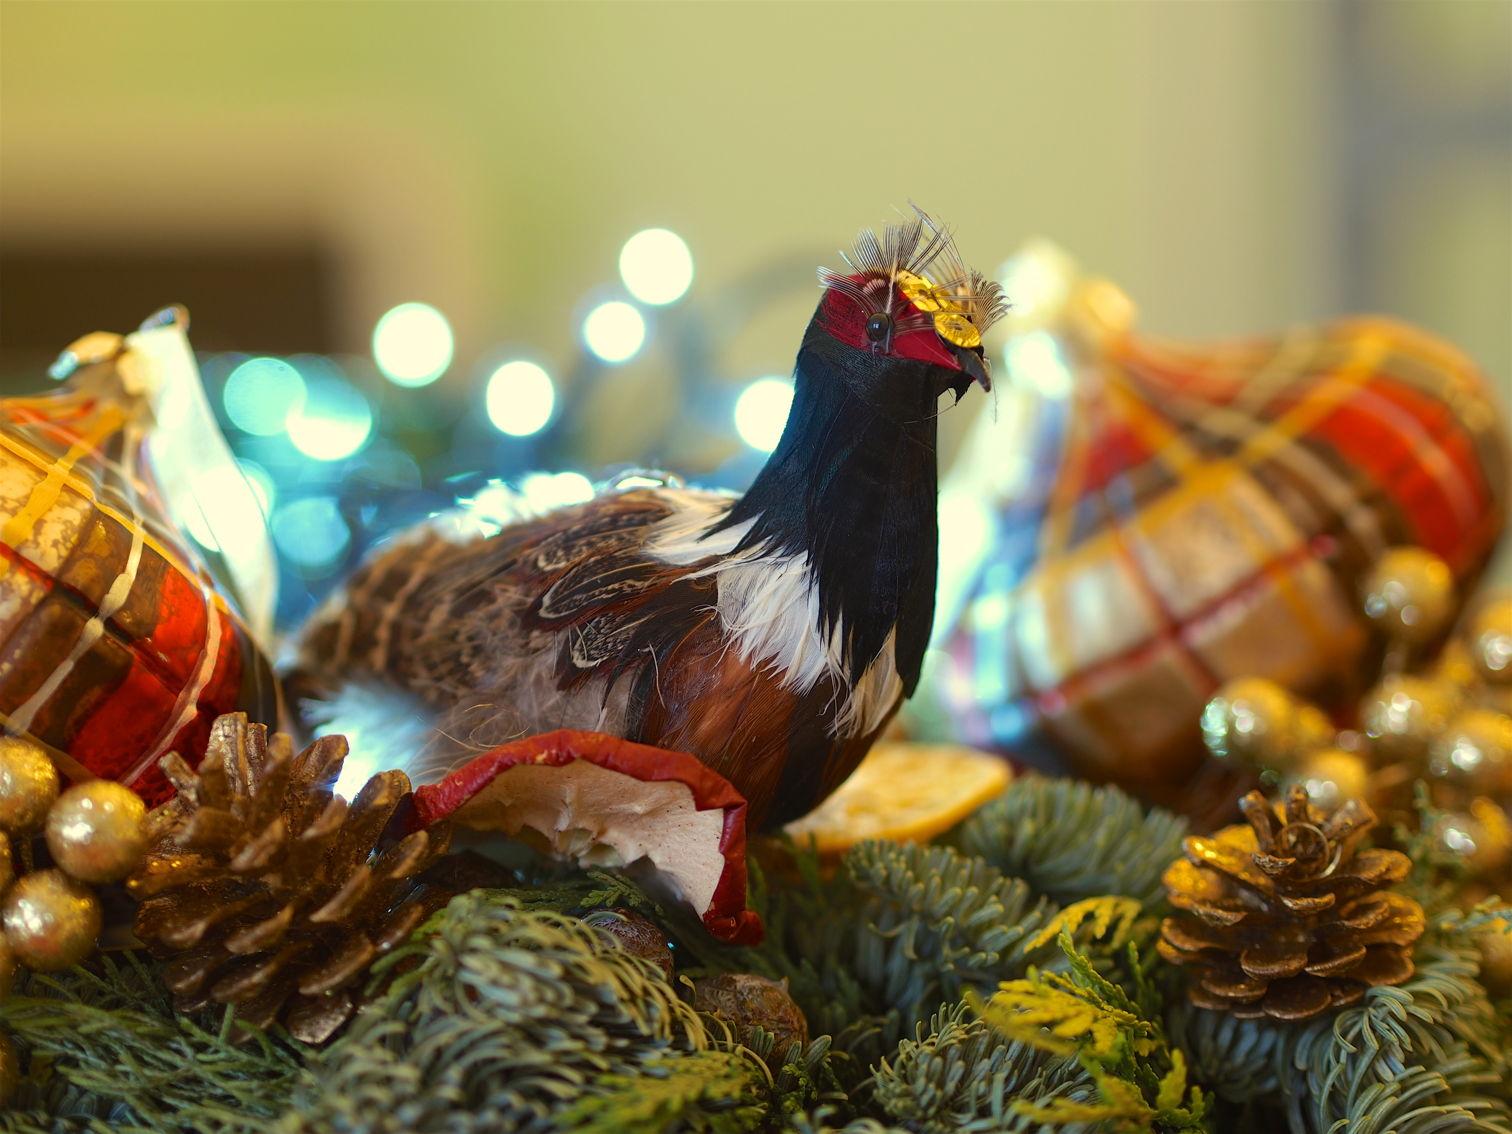 2017_12_21_Weihnachtsgruß_web.jpg